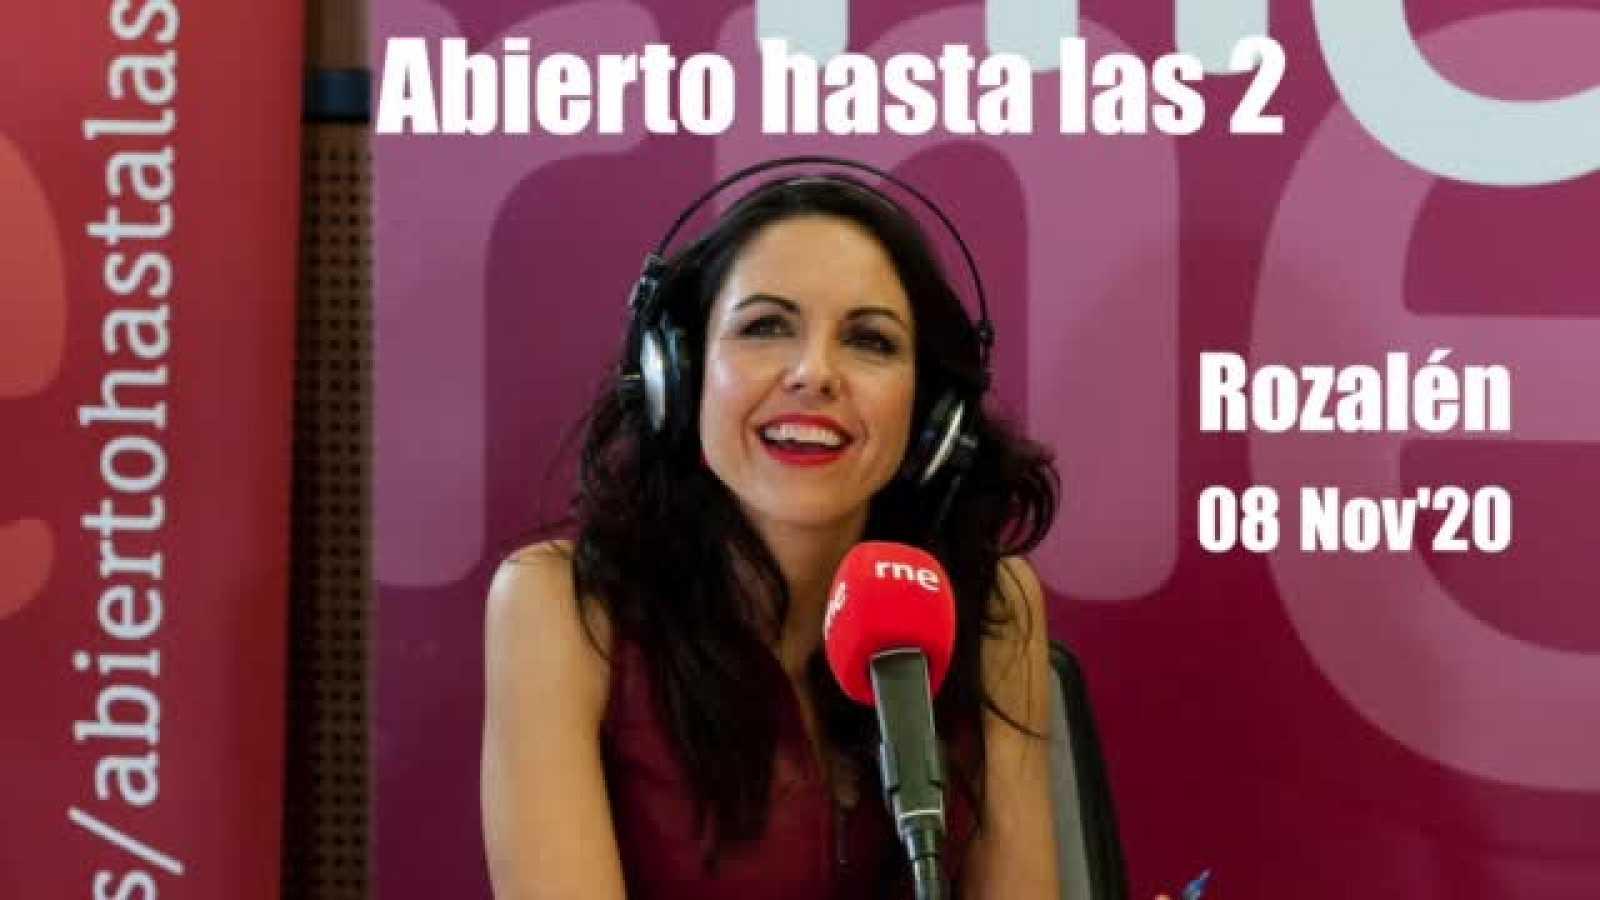 Abierto hasta las dos - Rozalén ' A tu vida' - 08/11/20 - ver ahora